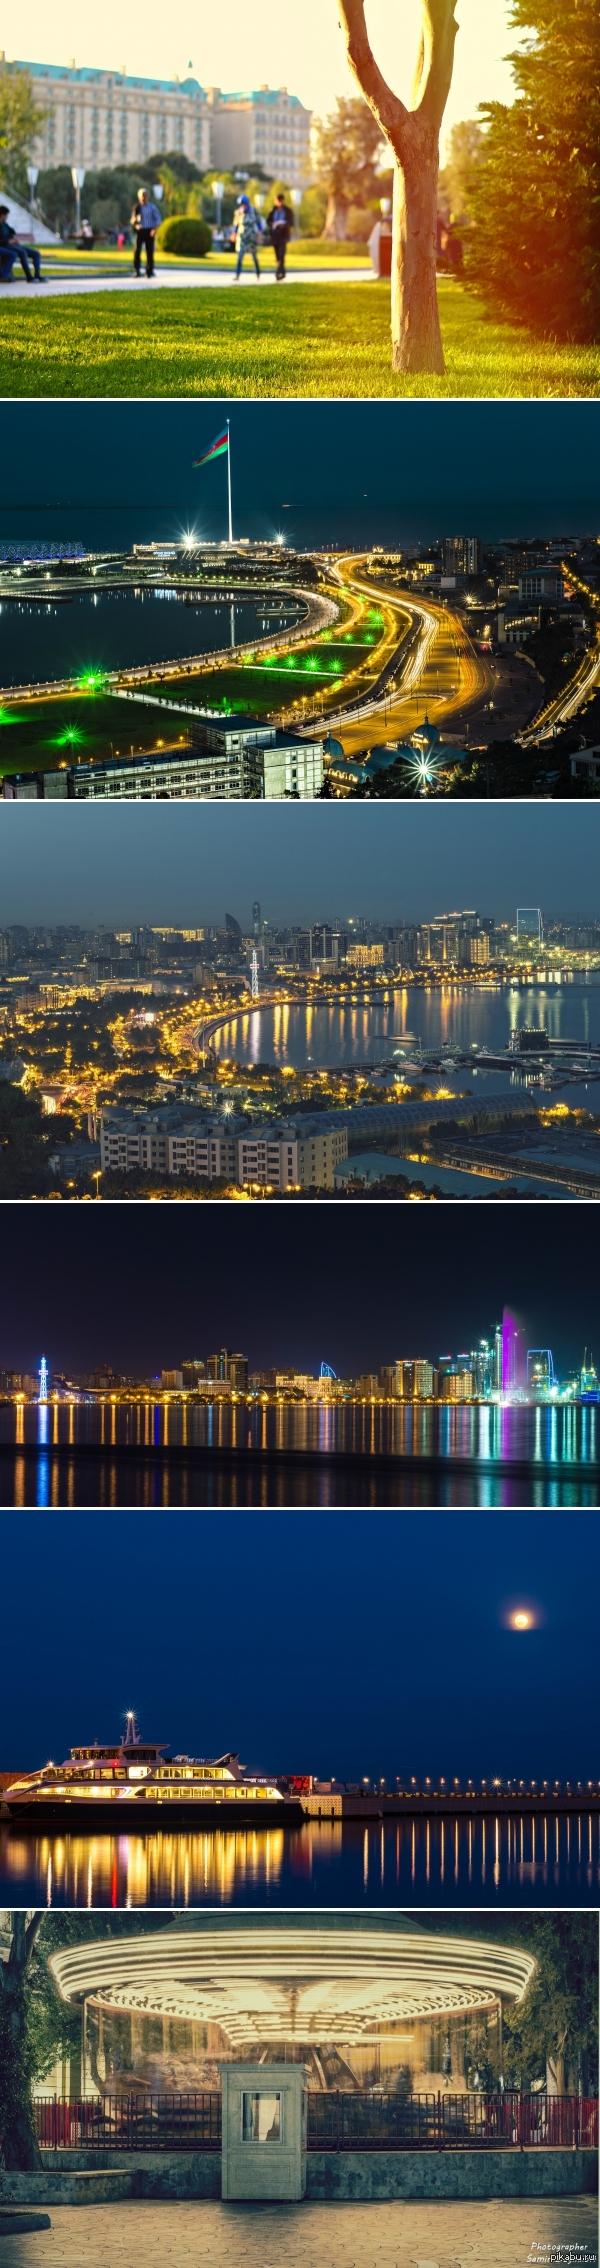 Виды Баку фото с моих прогулок, снимал на никон д3200 и портретник